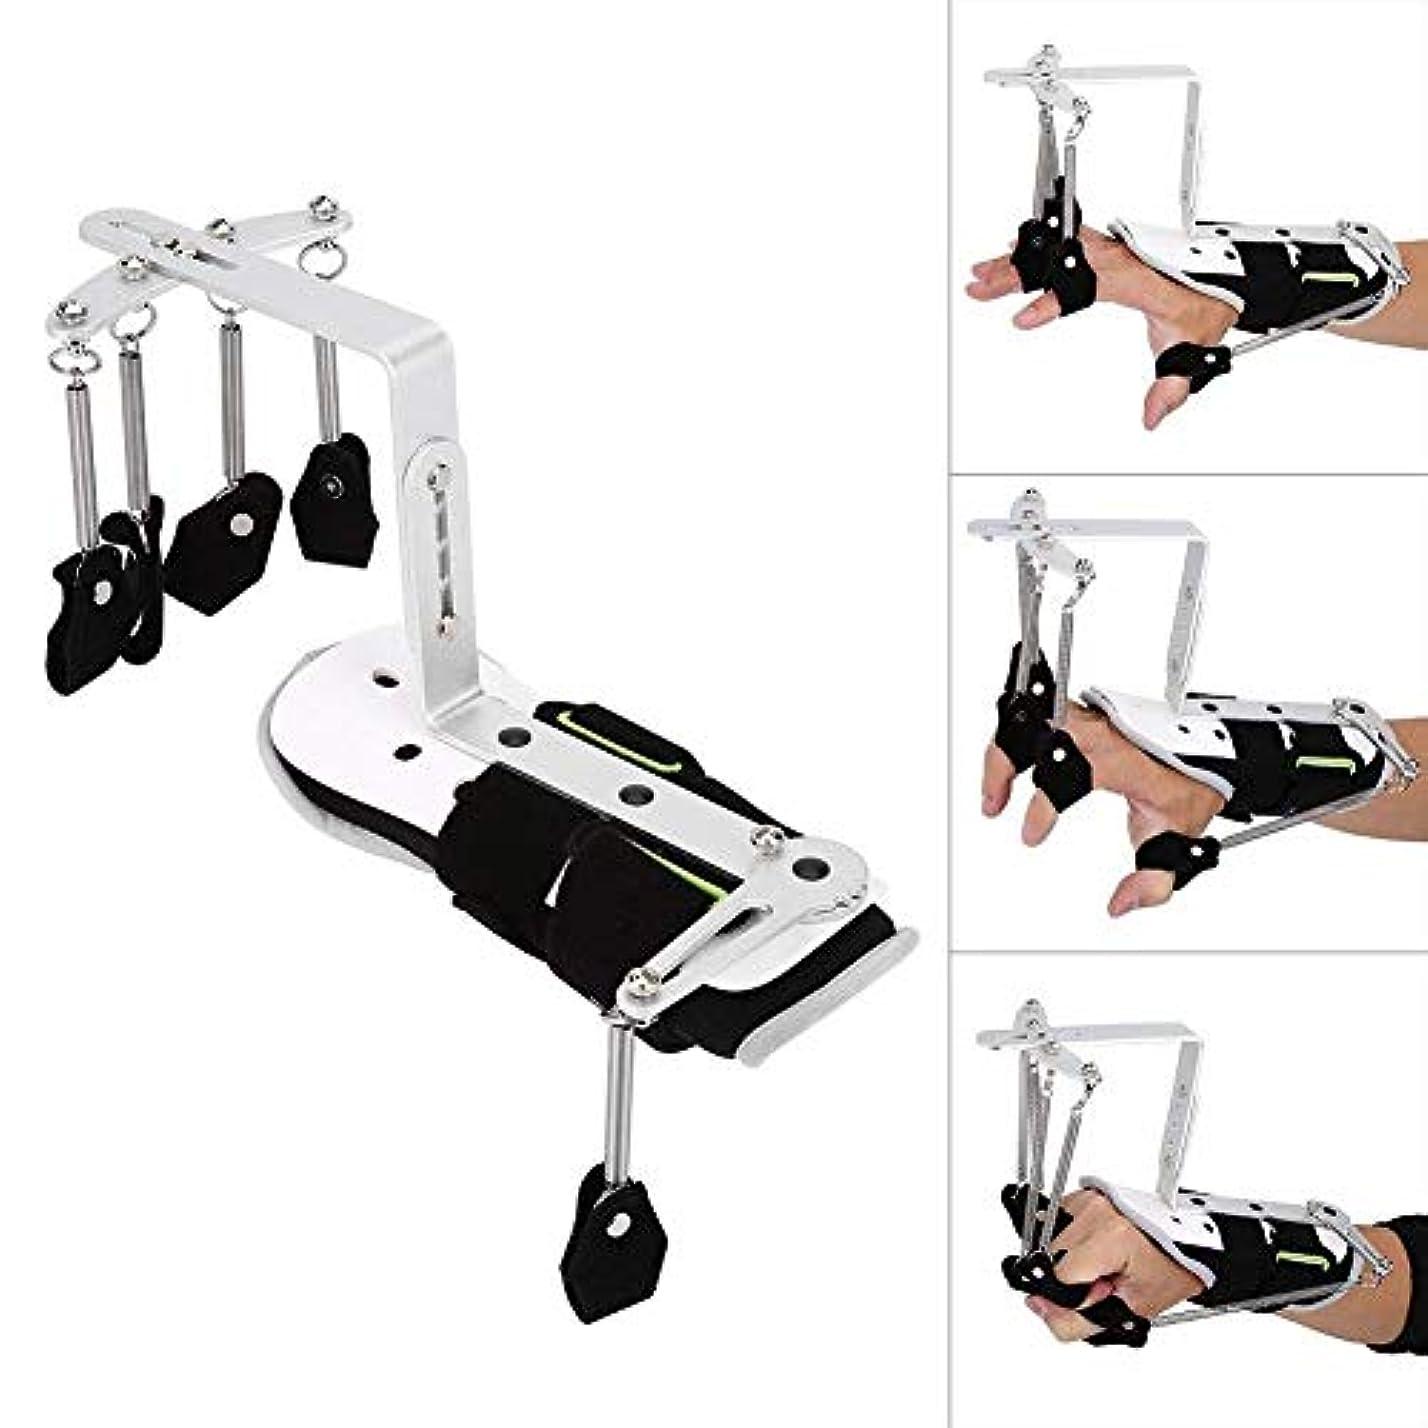 指リハビリトレーニング器具ポイント指板脳卒中脳卒中片麻痺指手の運動